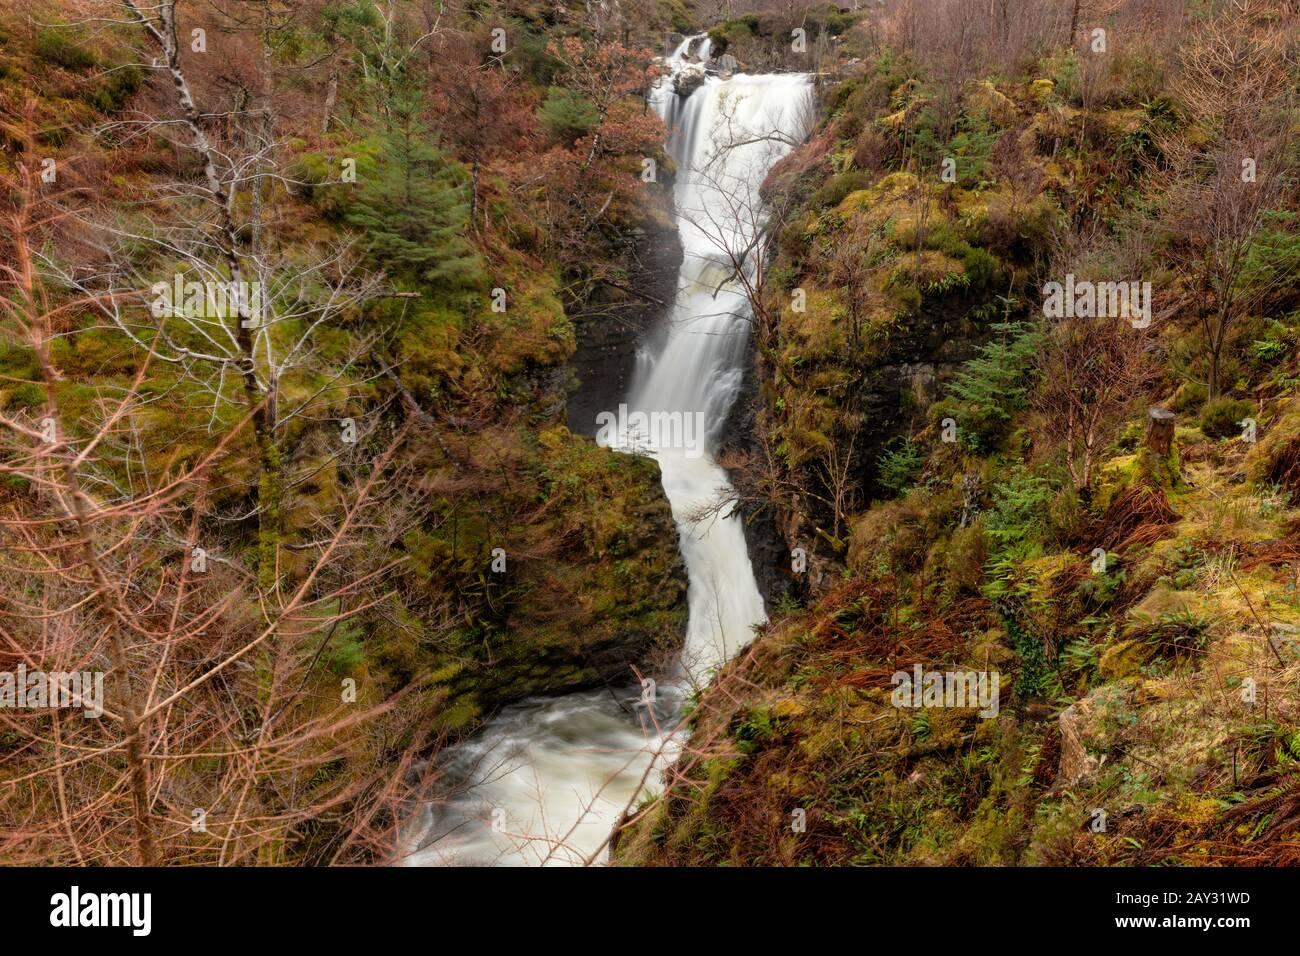 Die Victoria Falls, an der Seite von Loch Maree in Schottland, spaten im Winter. Stockfoto